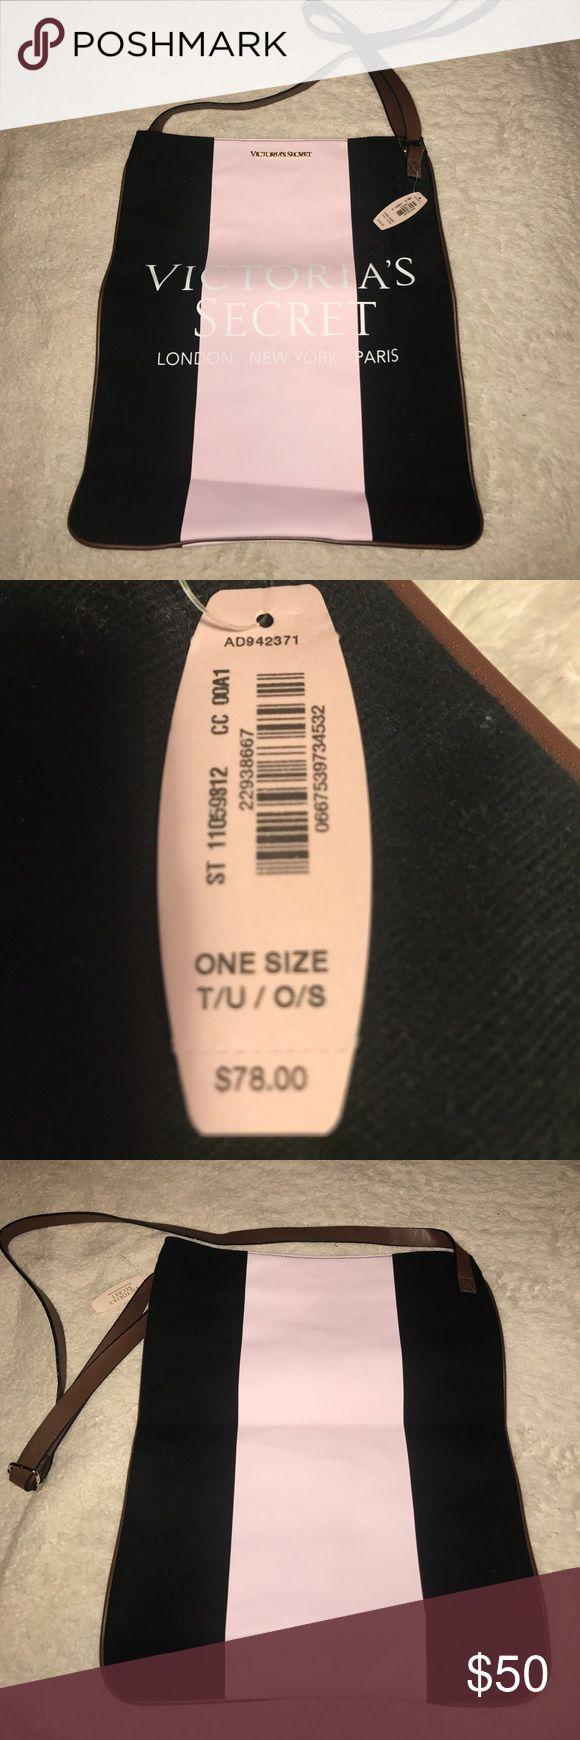 Victoria's Secret Tote Brand New Victoria's Secret Bags Totes